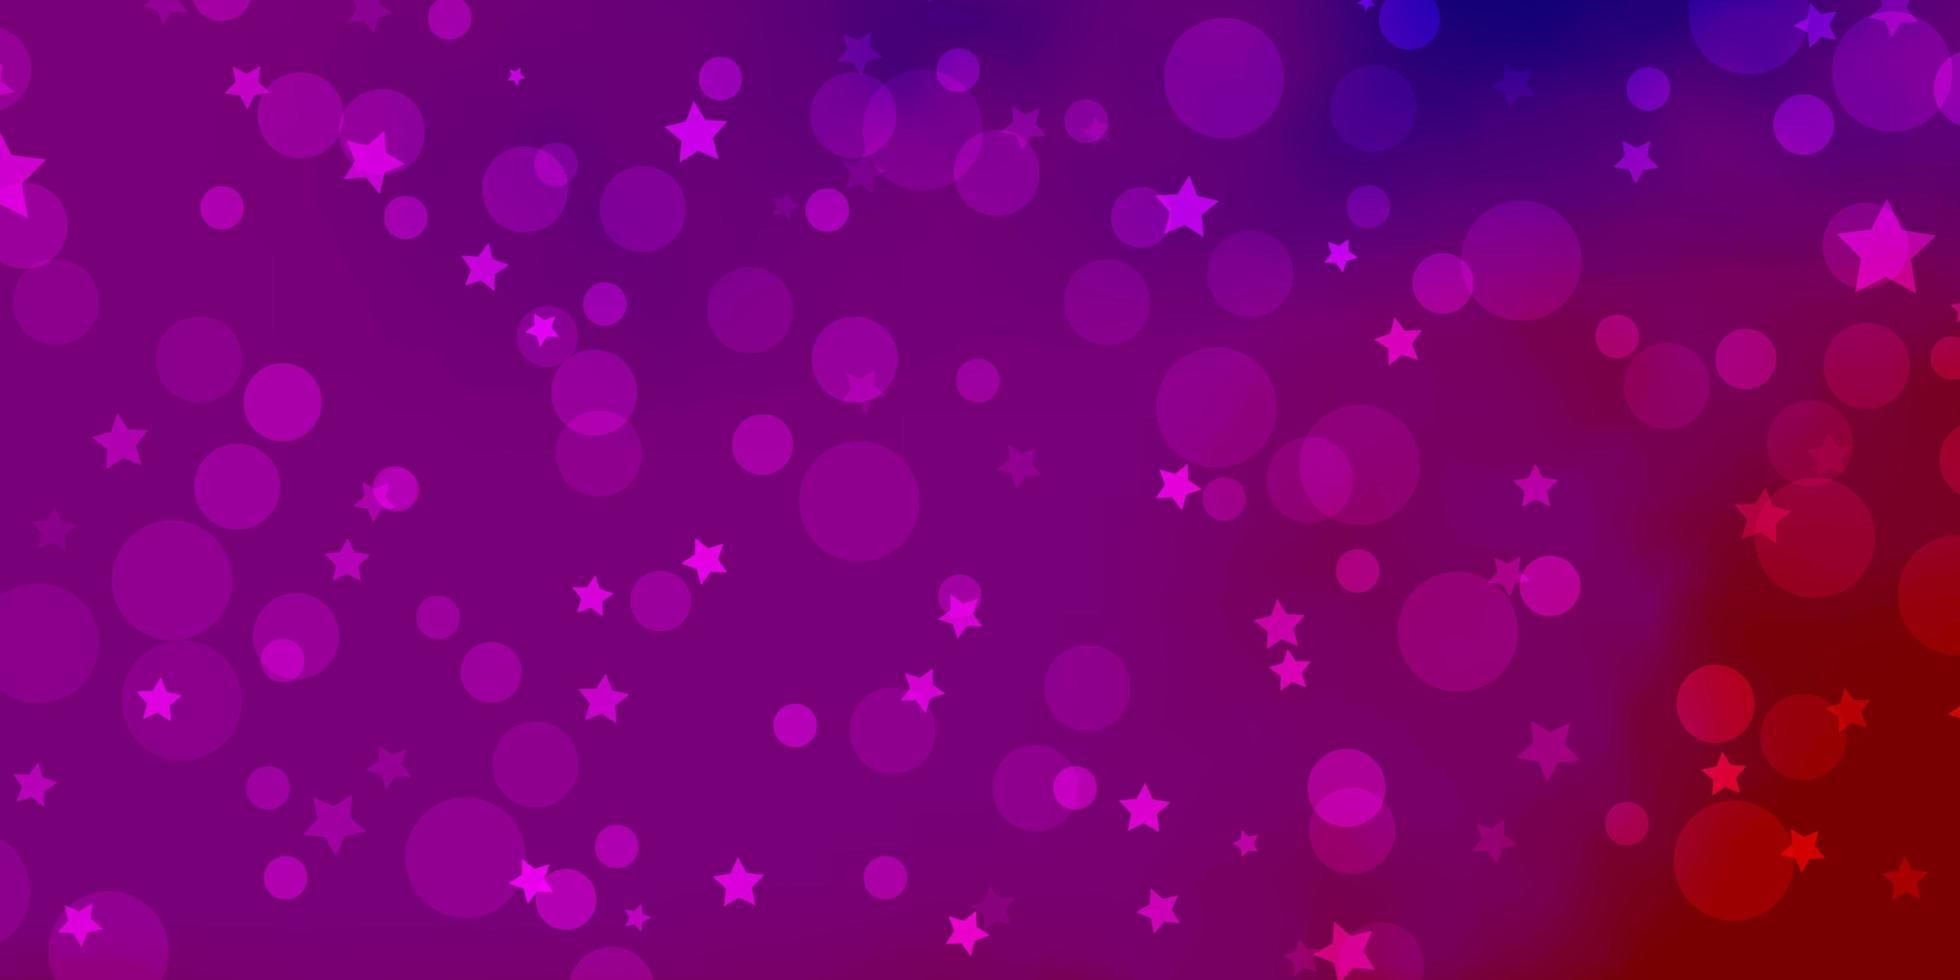 hellrosa, blaues Vektorlayout mit Kreisen, Sternen. vektor